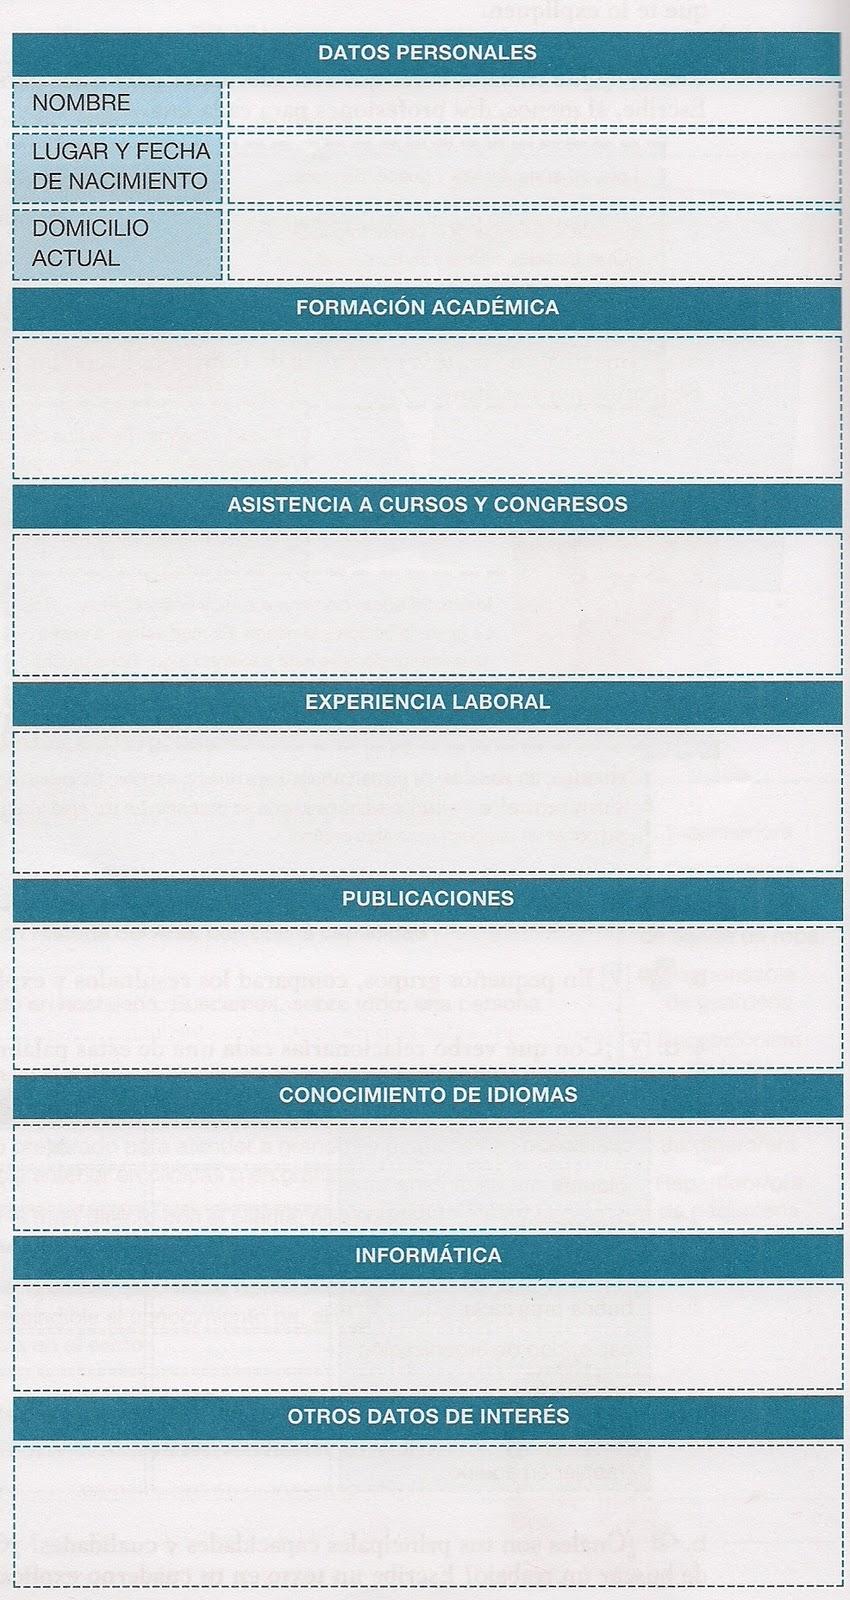 El Currículum Vitae | La Materia Paseante Modelos Textuales